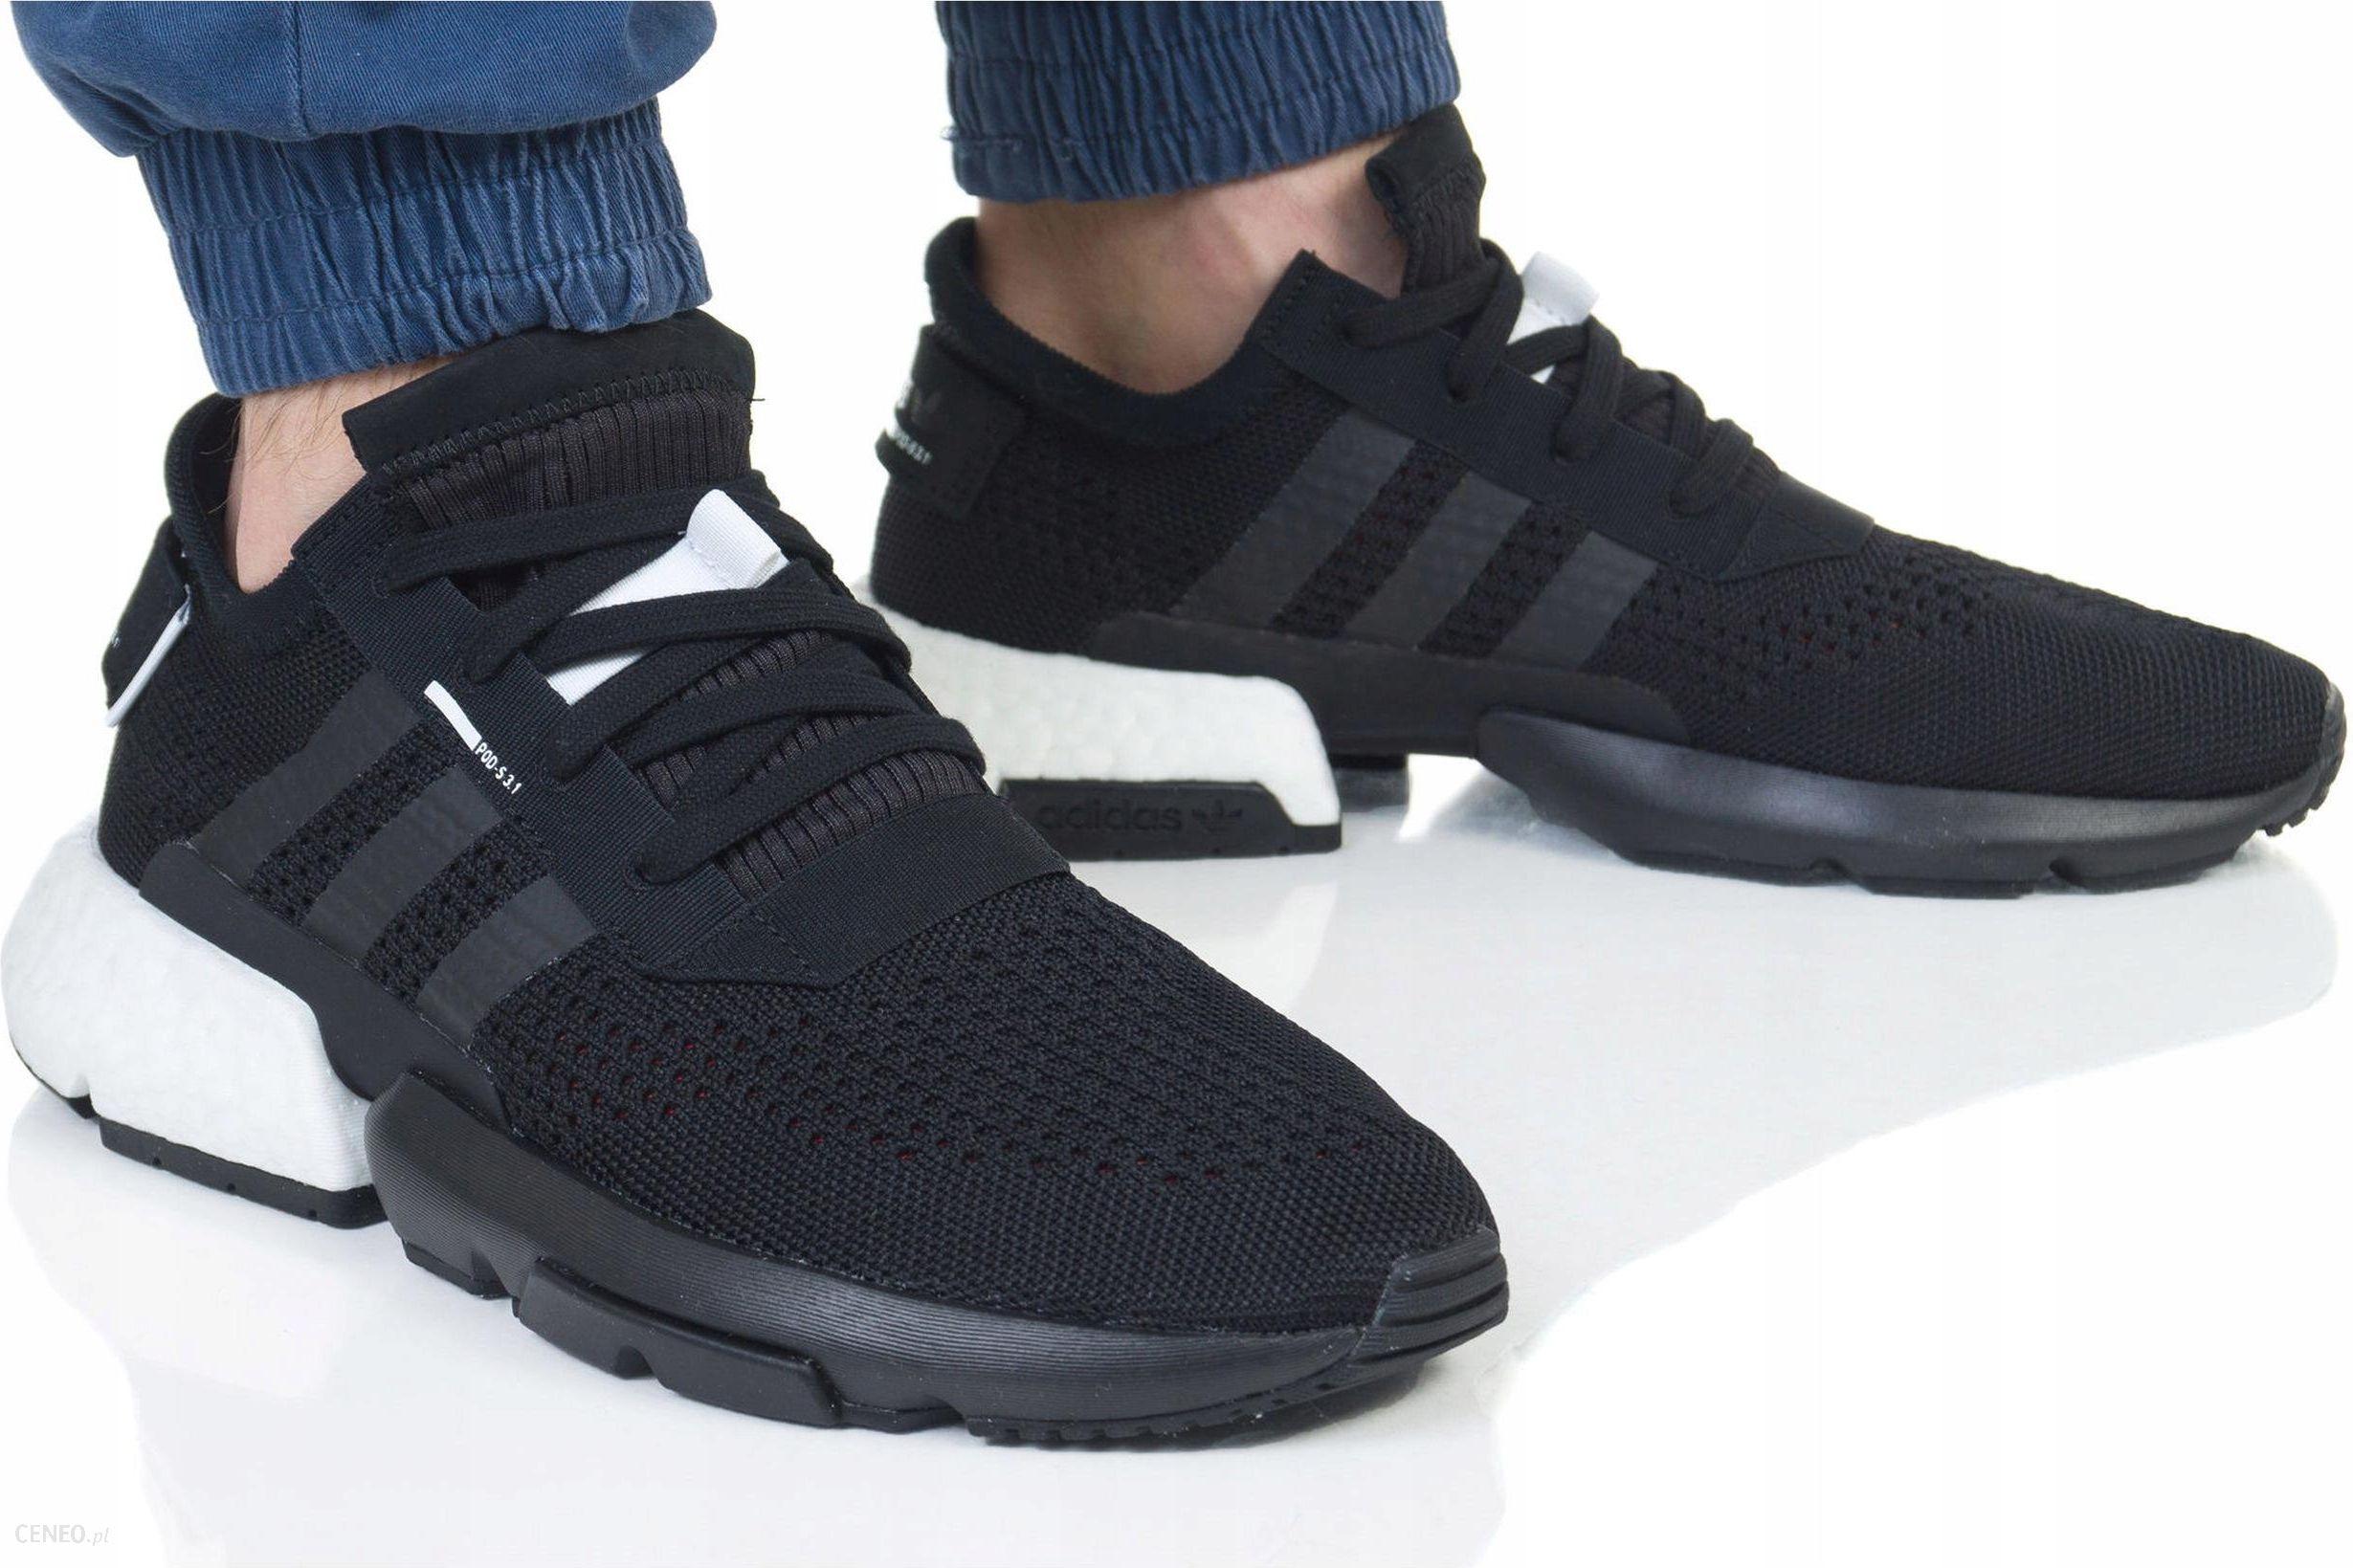 Buty Adidas POD S3.1 DB3378 Czarne R. 46 Ceny i opinie Ceneo.pl